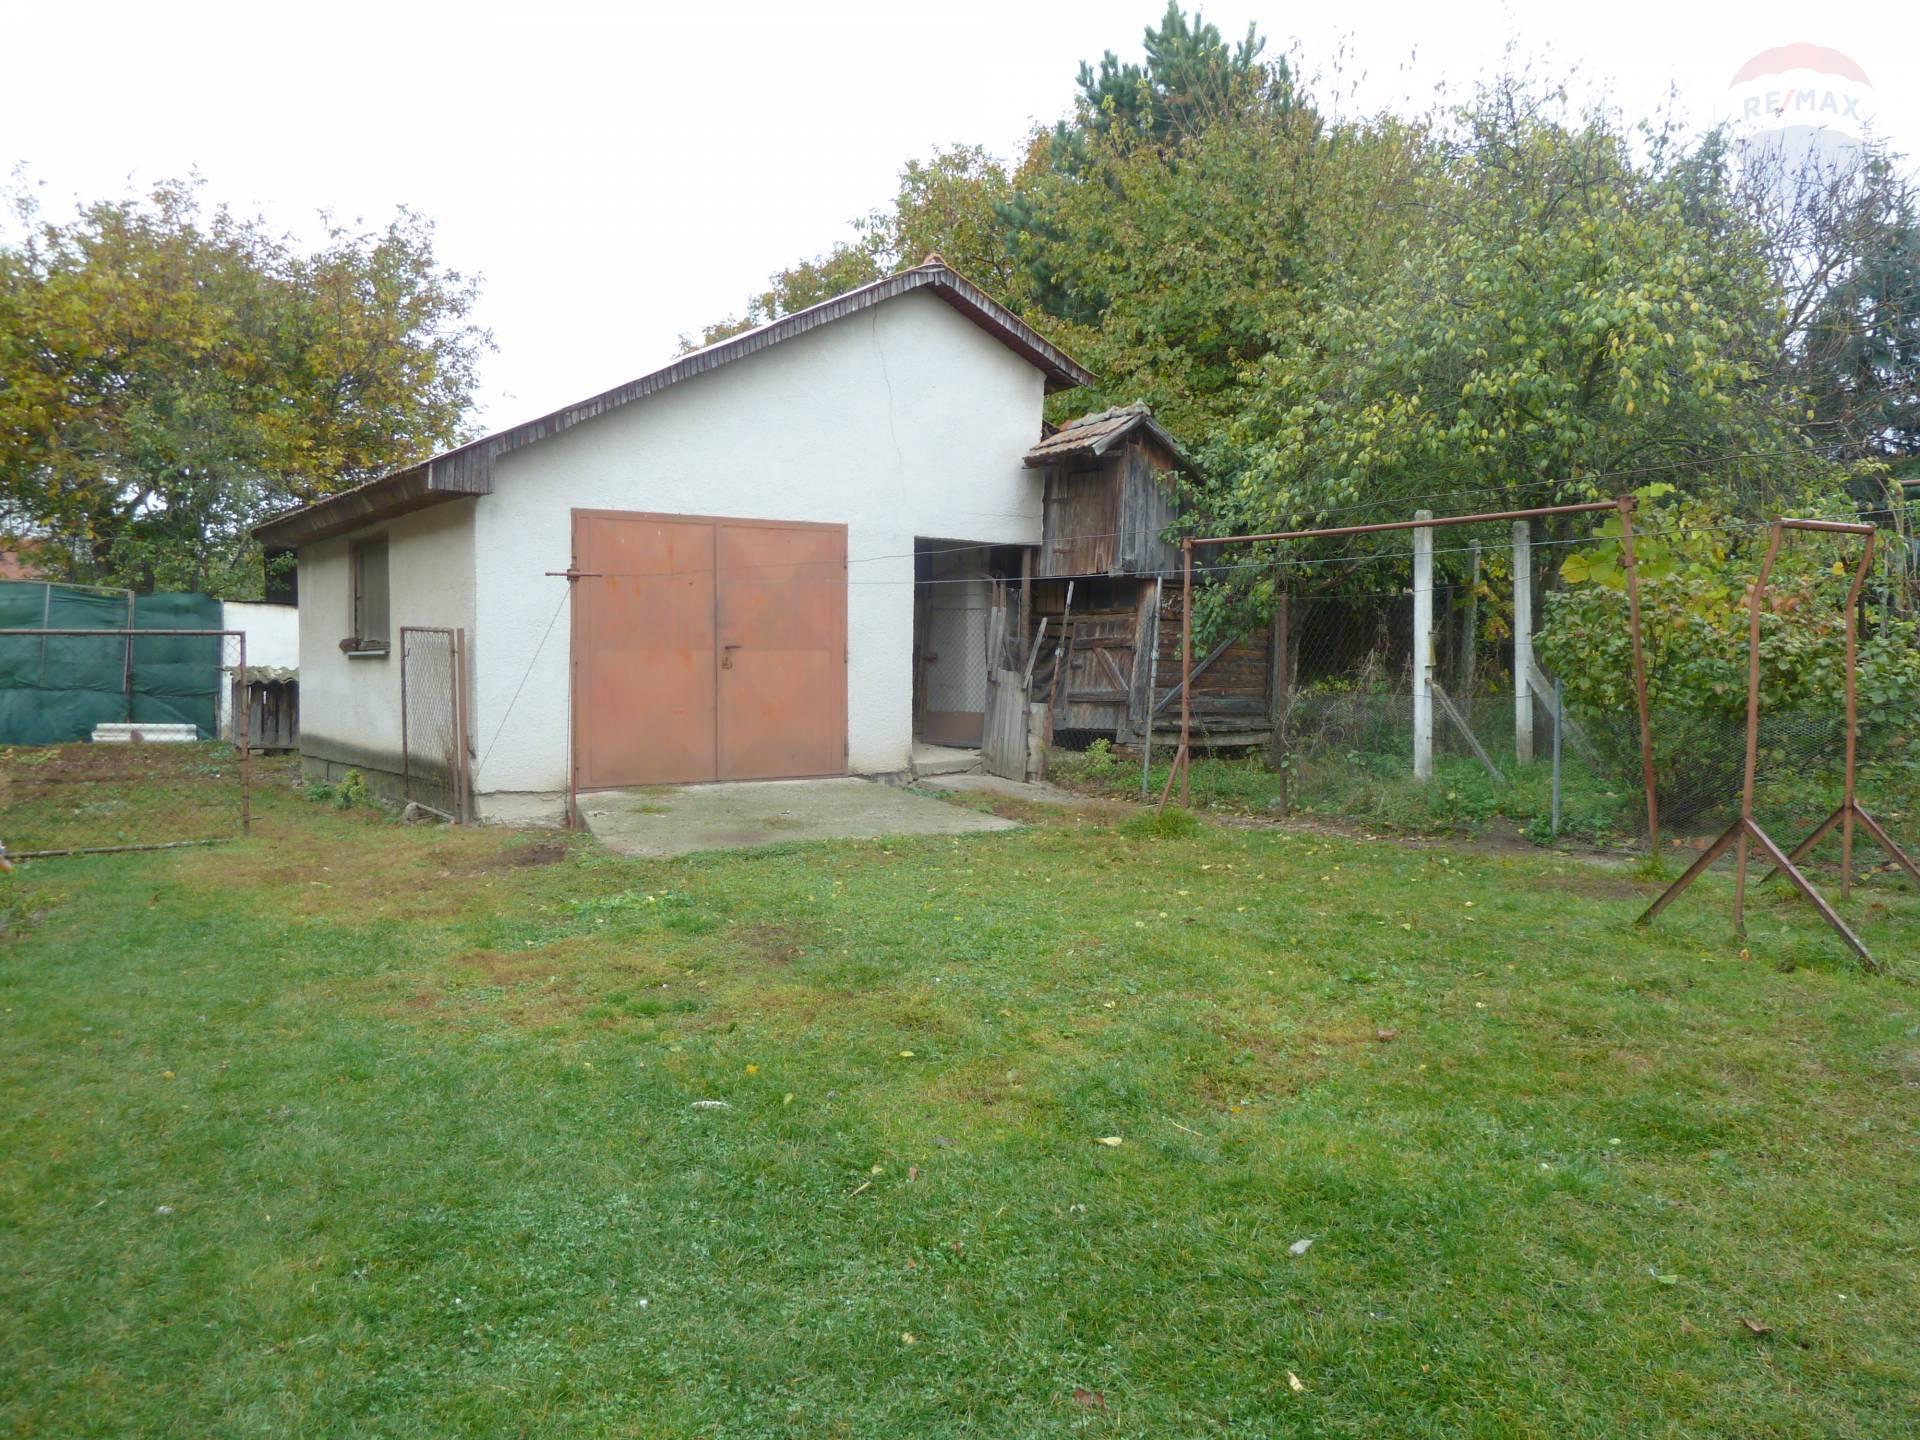 Predaj domu 200 m2, Lužany - Predaj rodinný dom Lužany